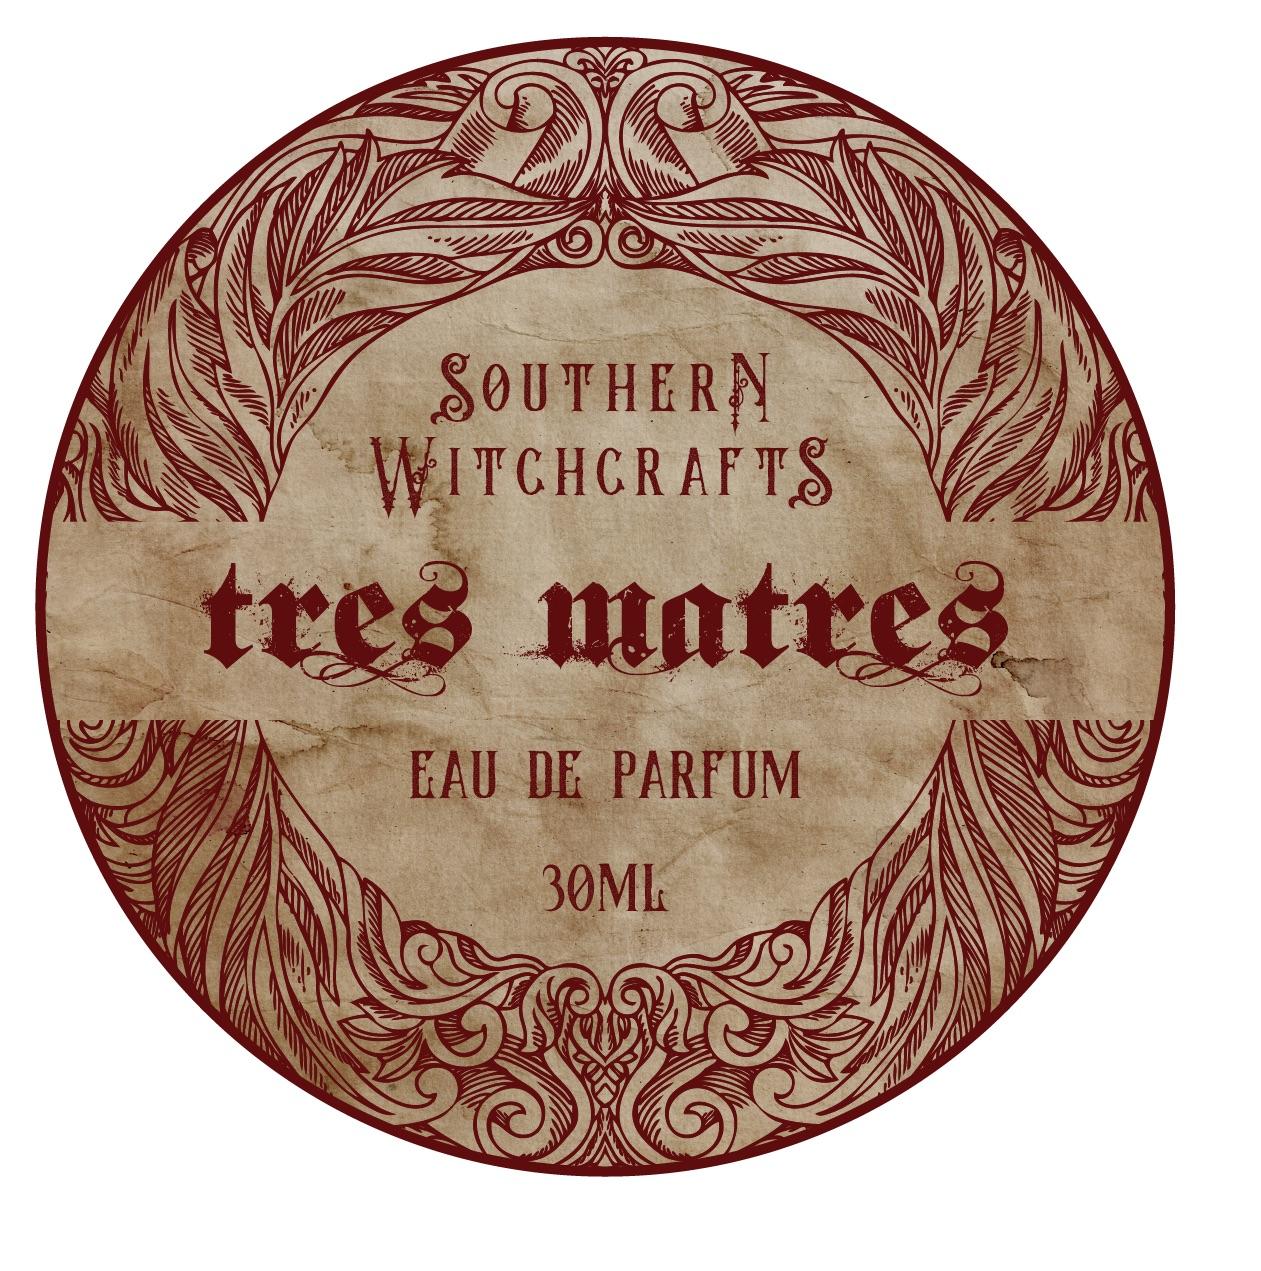 Southern Witchcrafts - Tres Matres - Eau de Parfum image